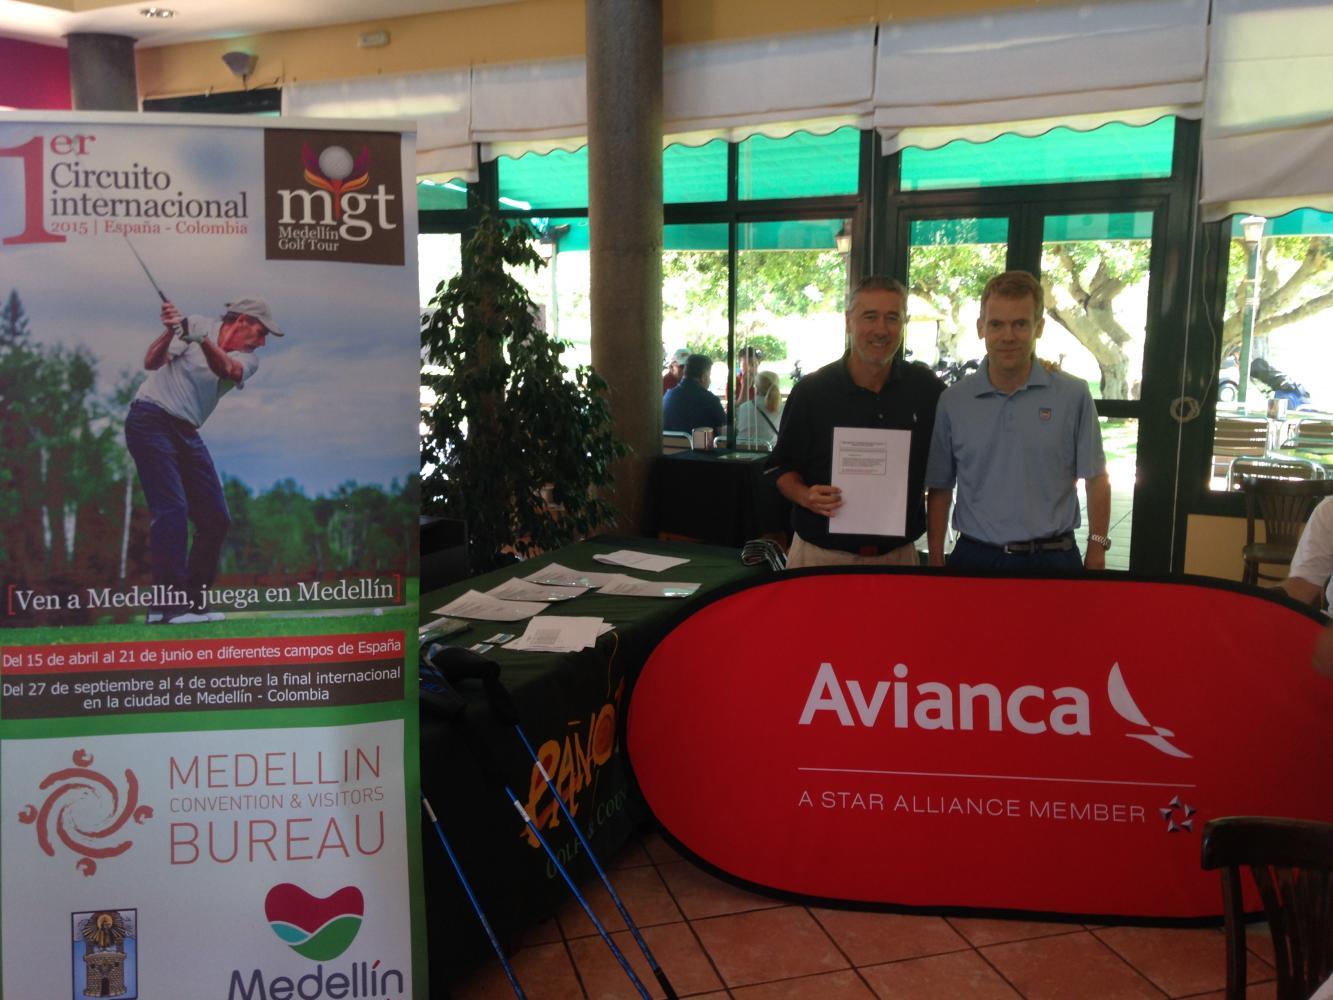 El Medellín Golf Tour vibró  con una final de altura en Castellón - Es